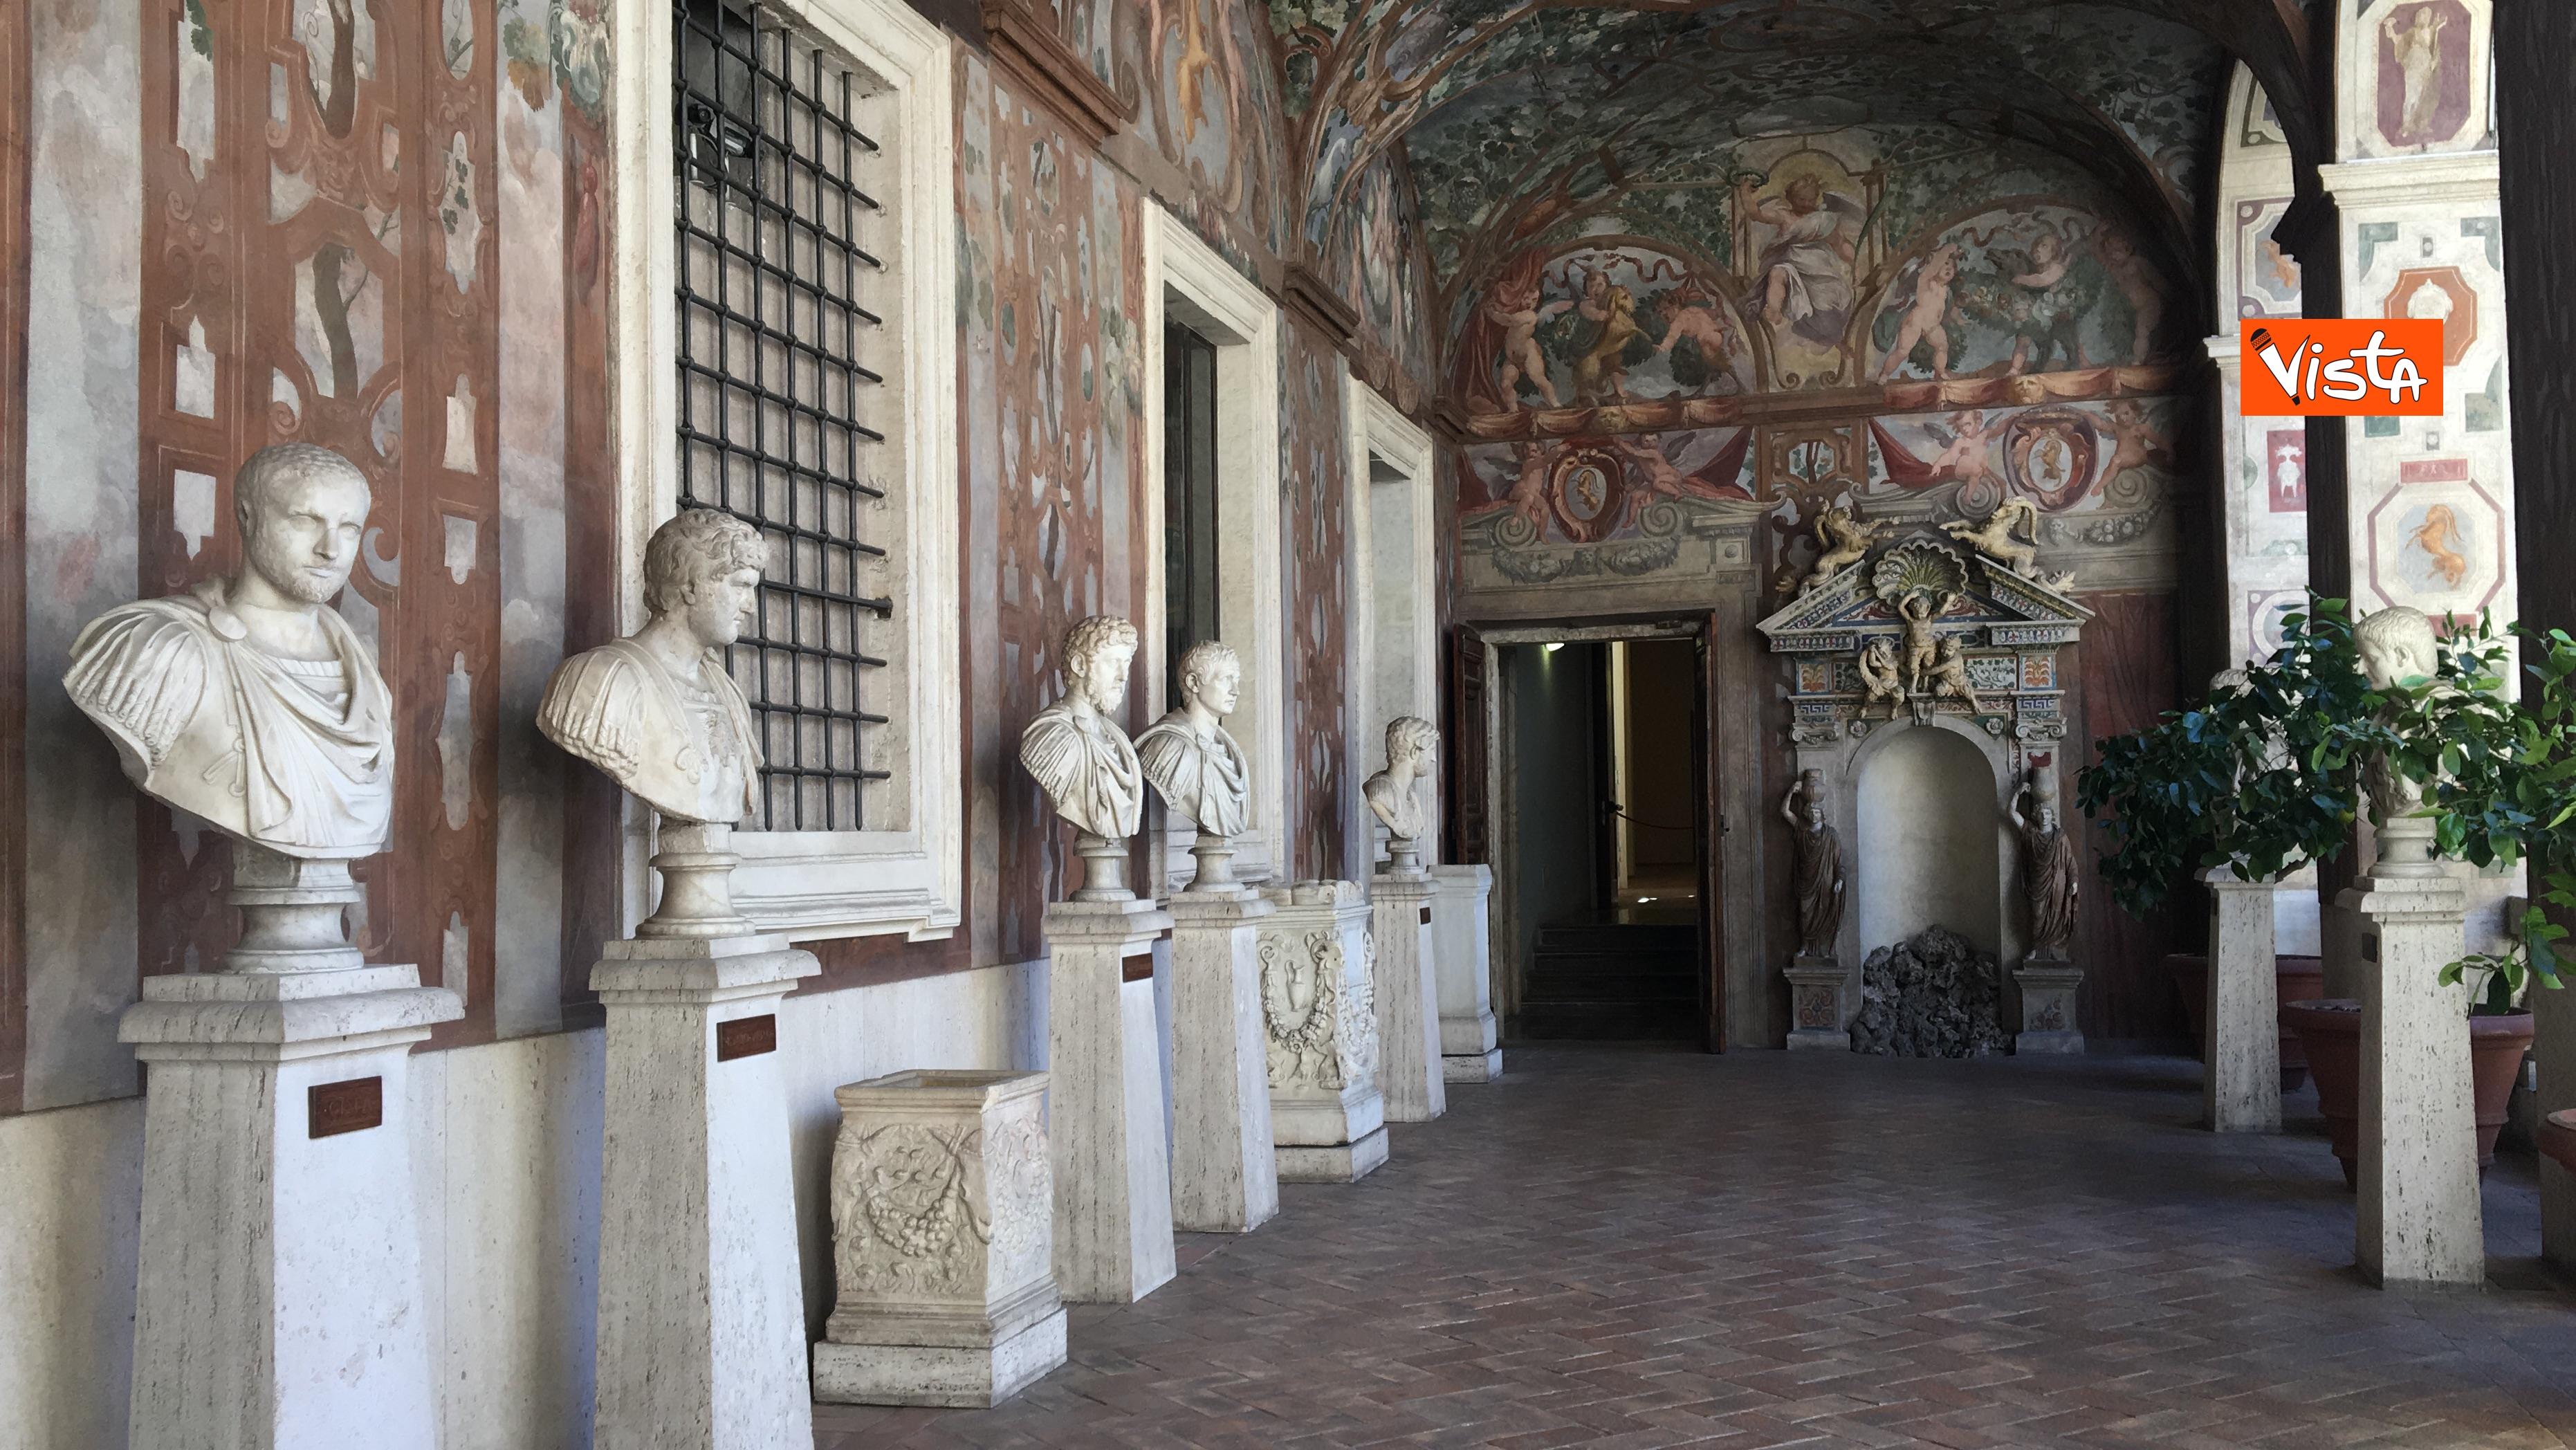 16-05-19 Museo per tutti la presentazione del progetto con Bonisoli a Palazzo Altemps_13